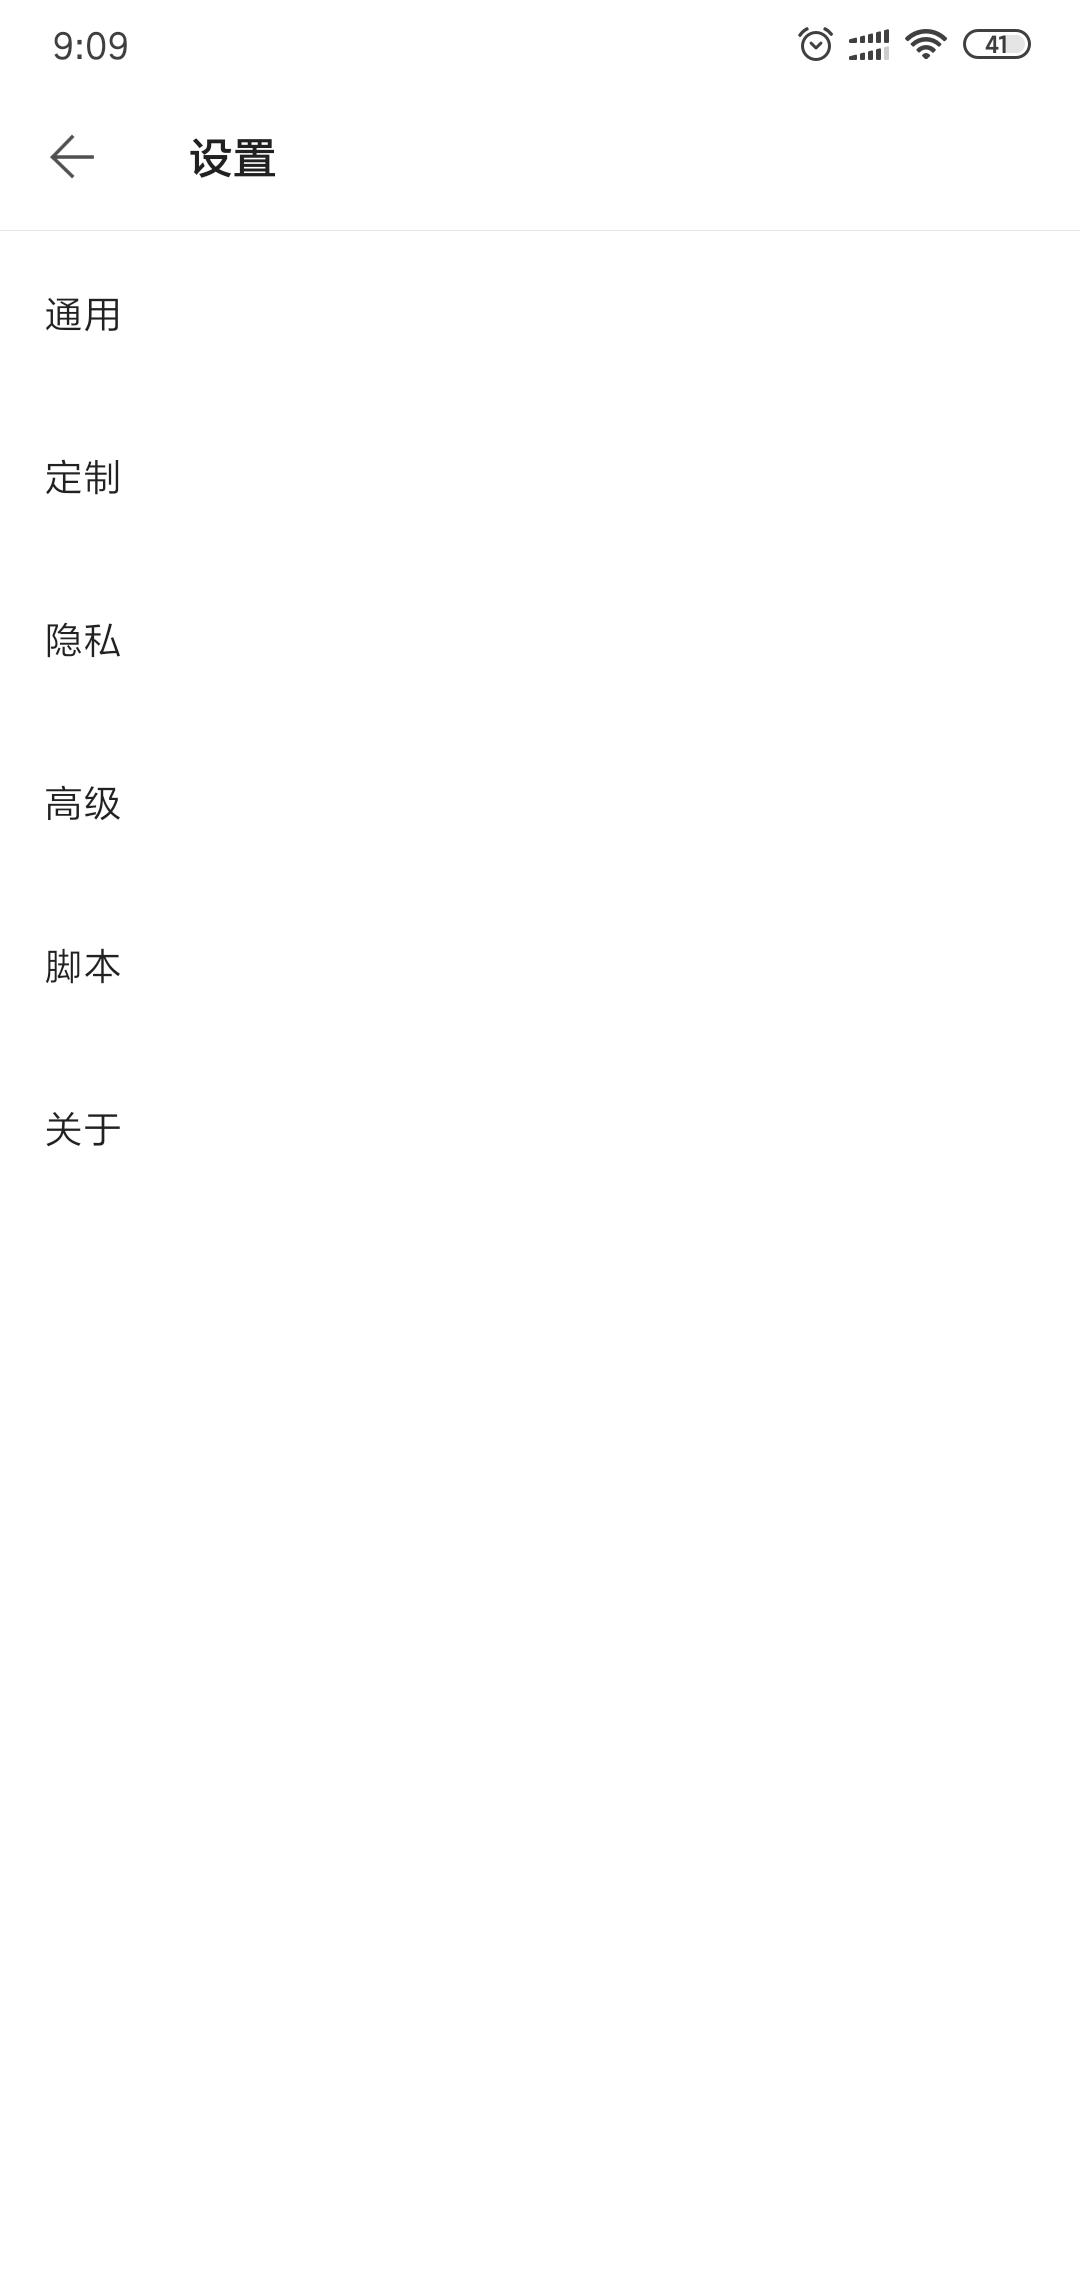 2019手机浏览器推荐 简约而不简单  第12张